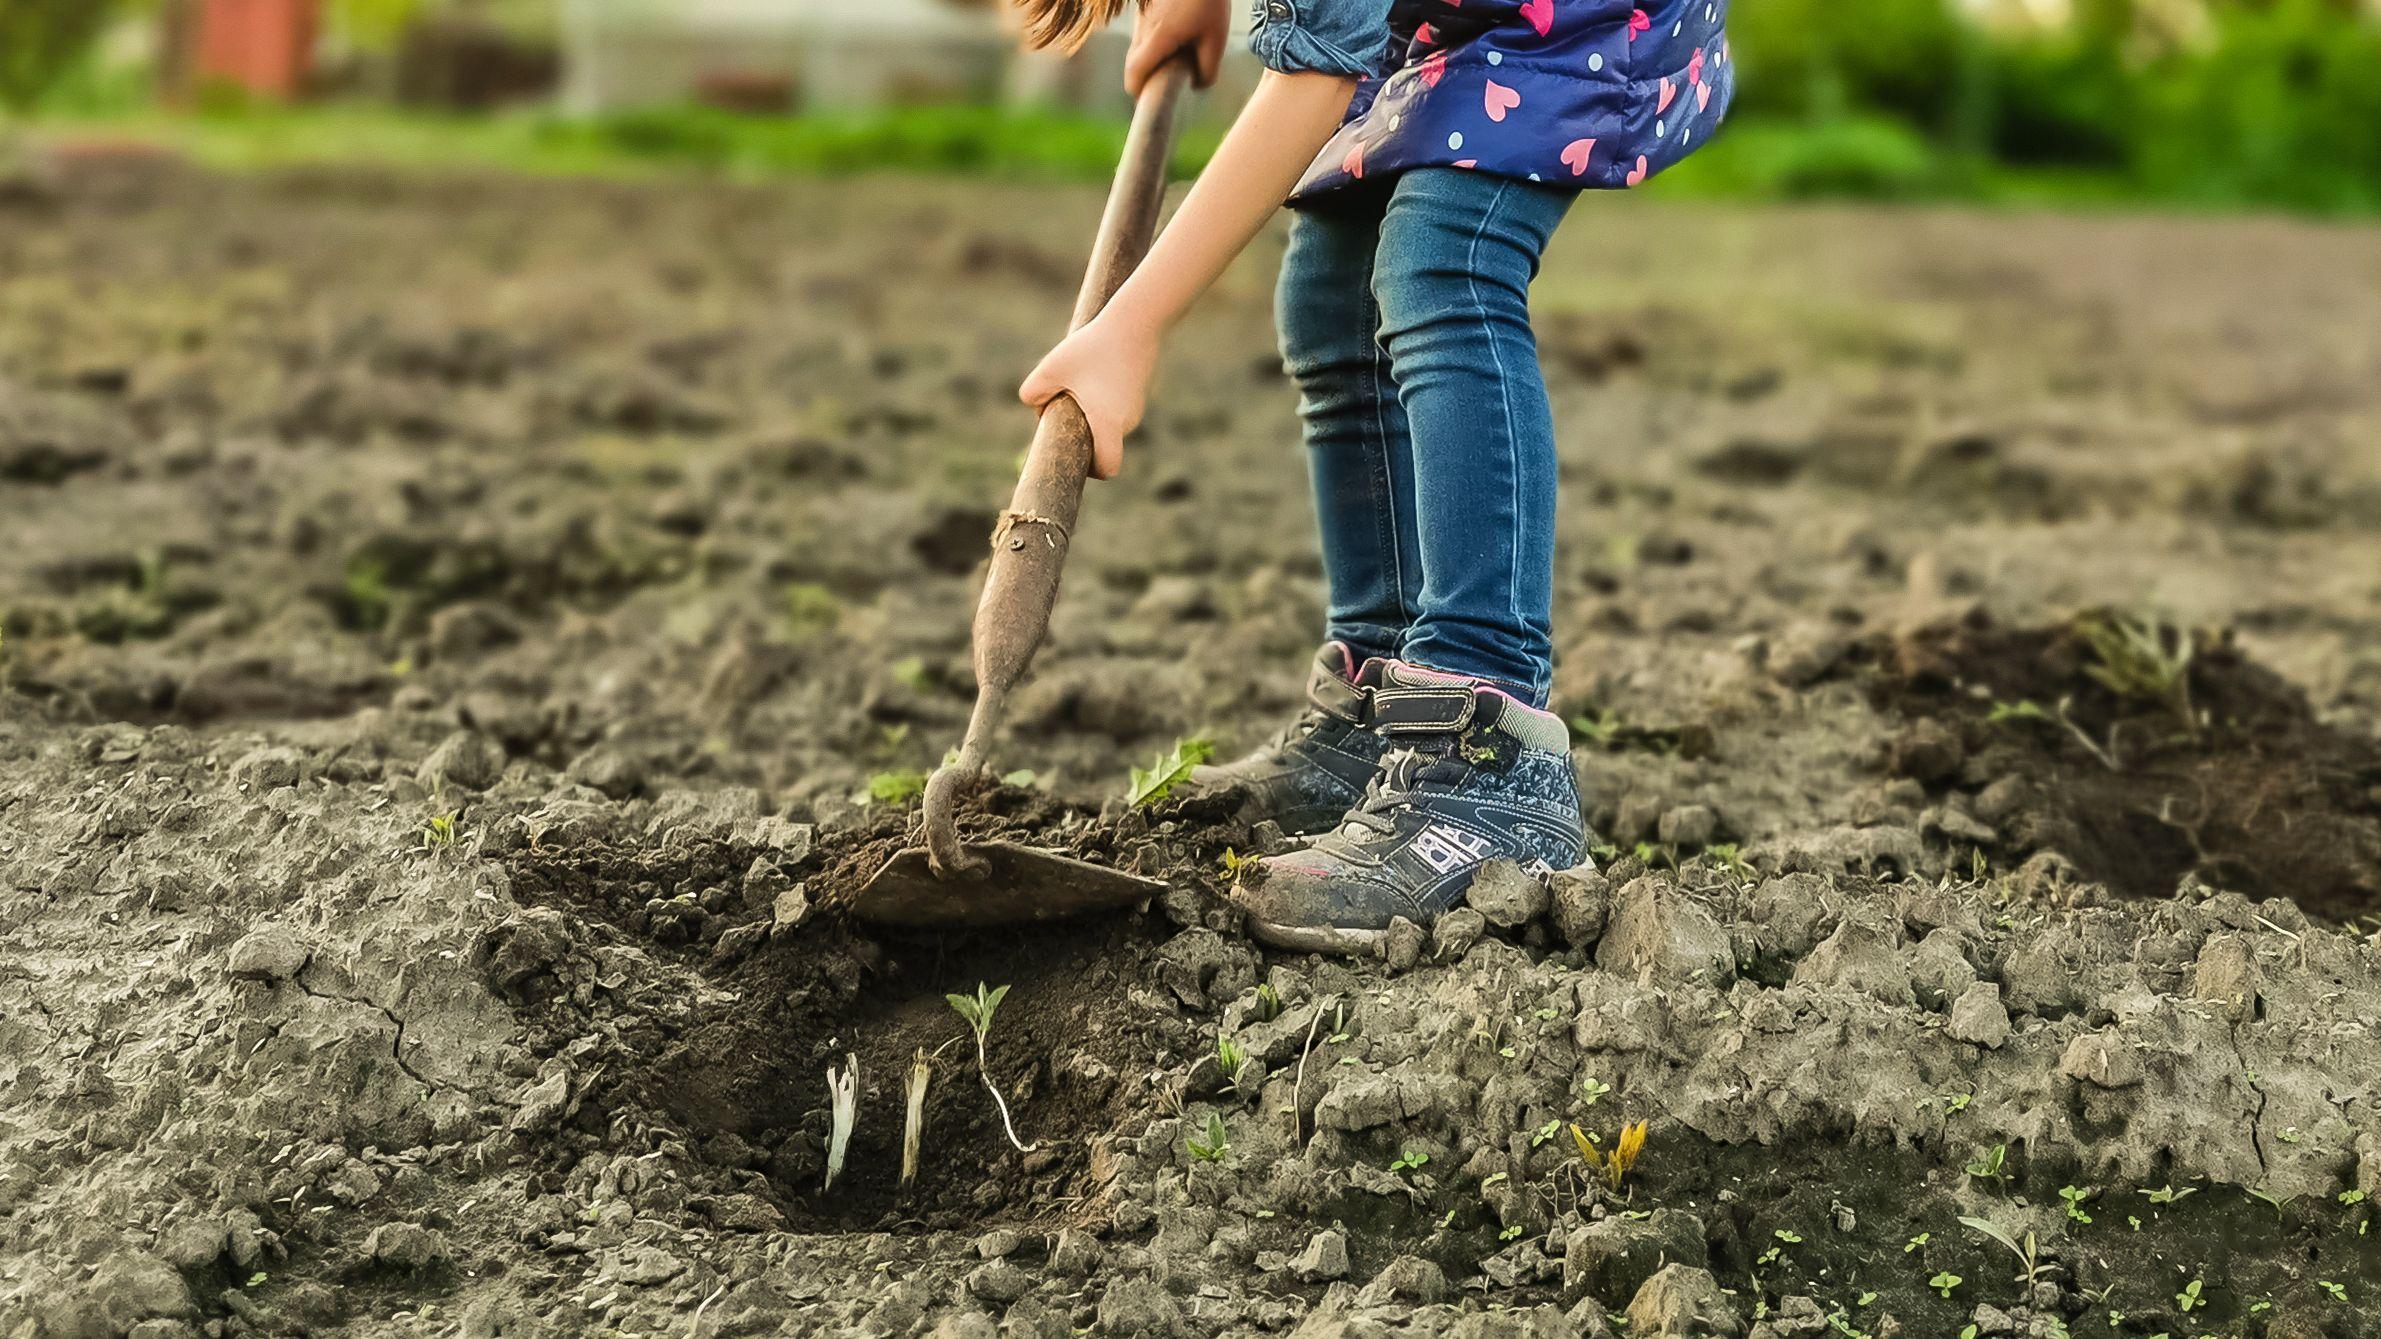 Comment préparer le sol pour un potager